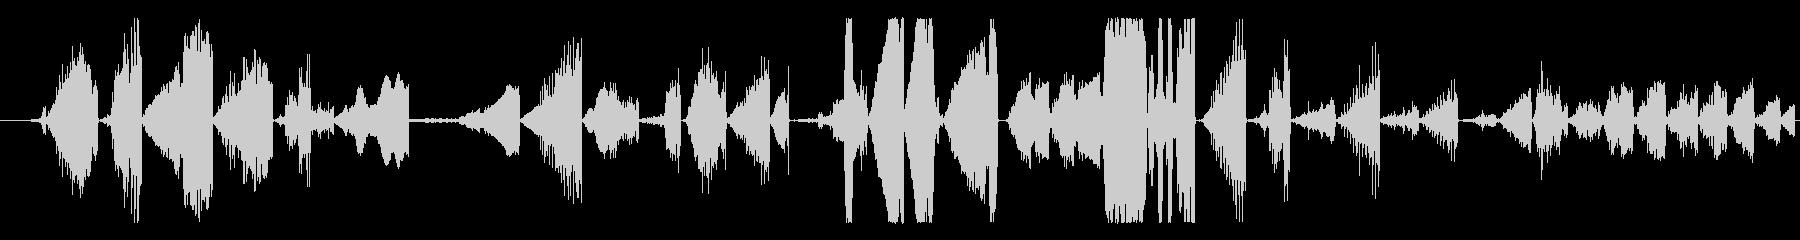 イメージ グリッチトークFX 10の未再生の波形